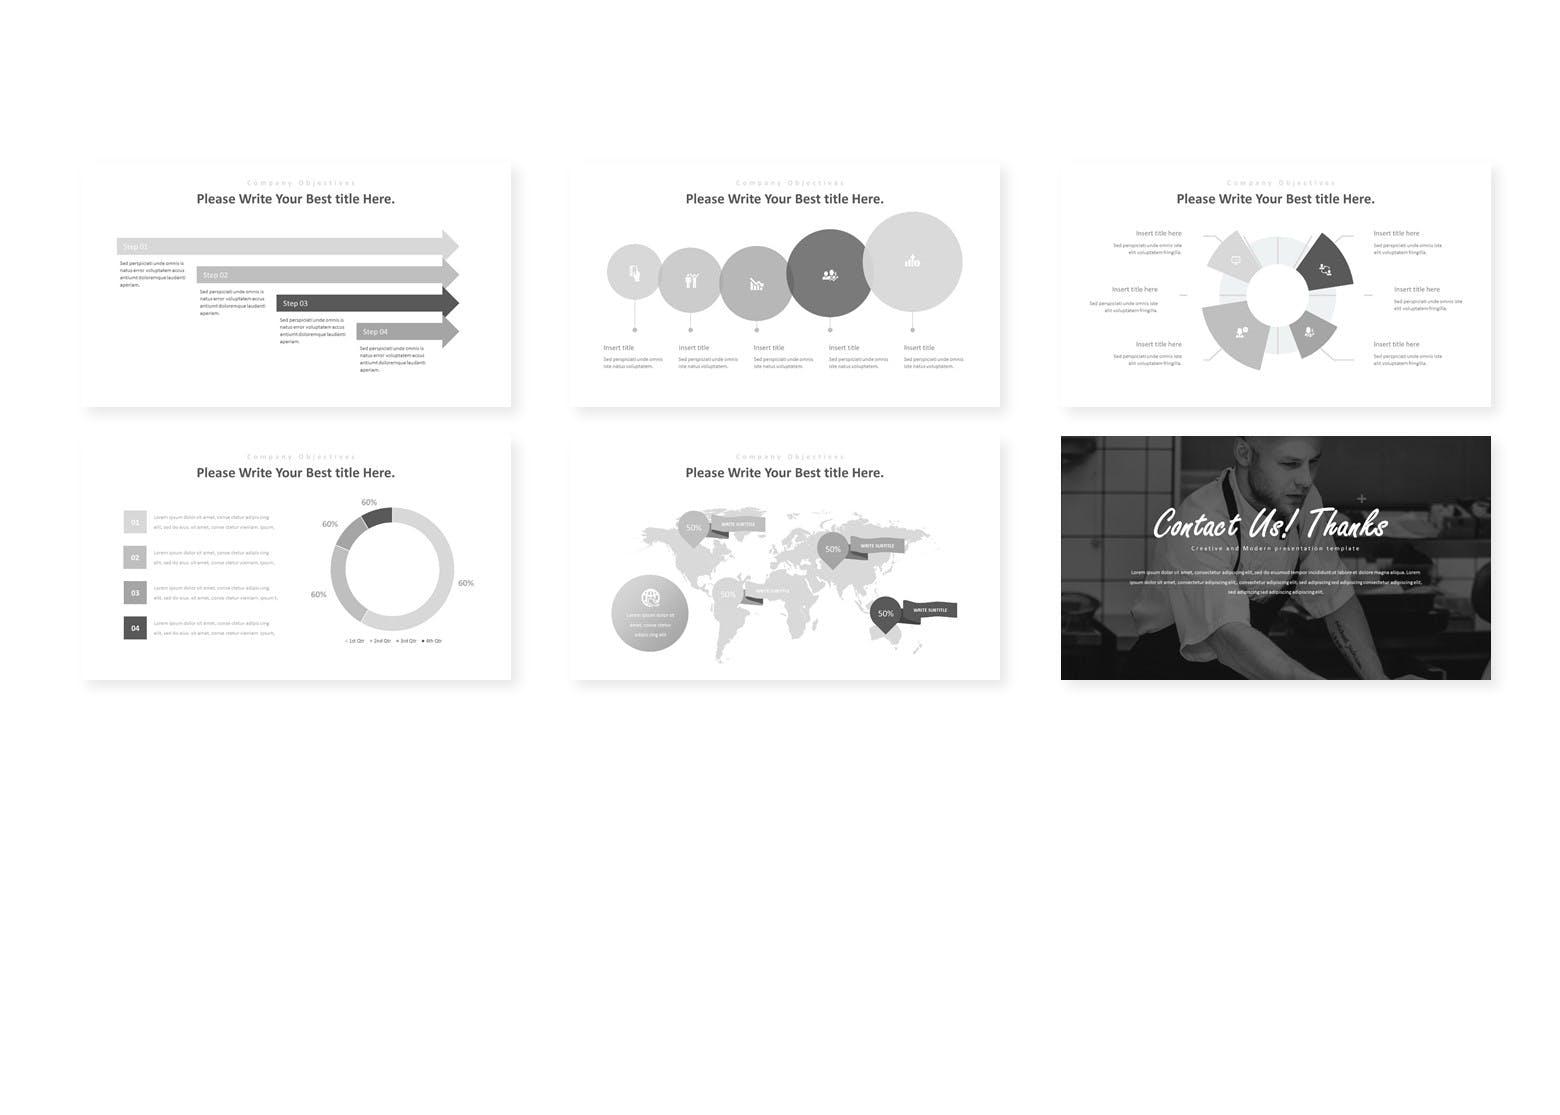 多用途企业业务演示PPT幻灯片模板Himense Google Slides Template插图(3)